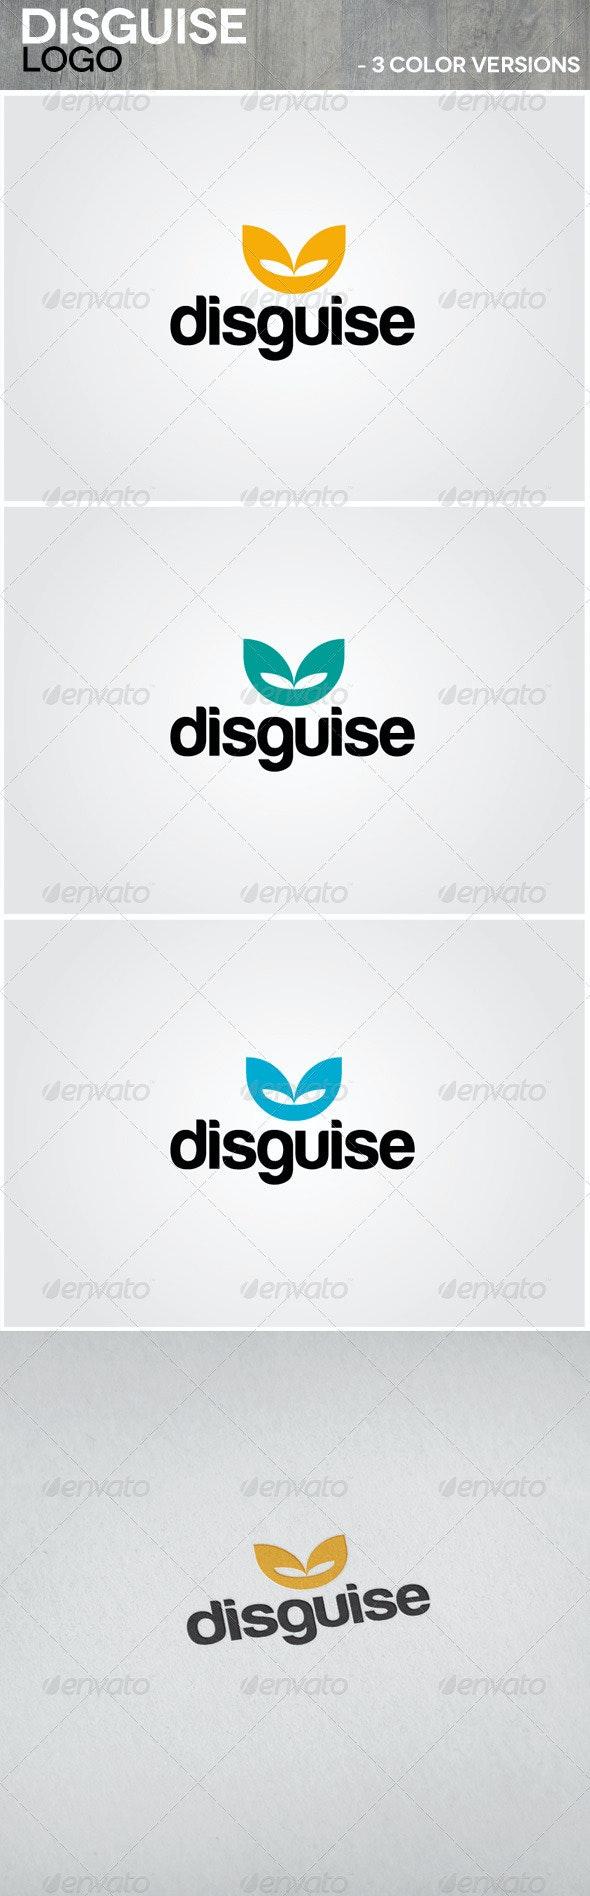 Disguise Logo - Vector Abstract